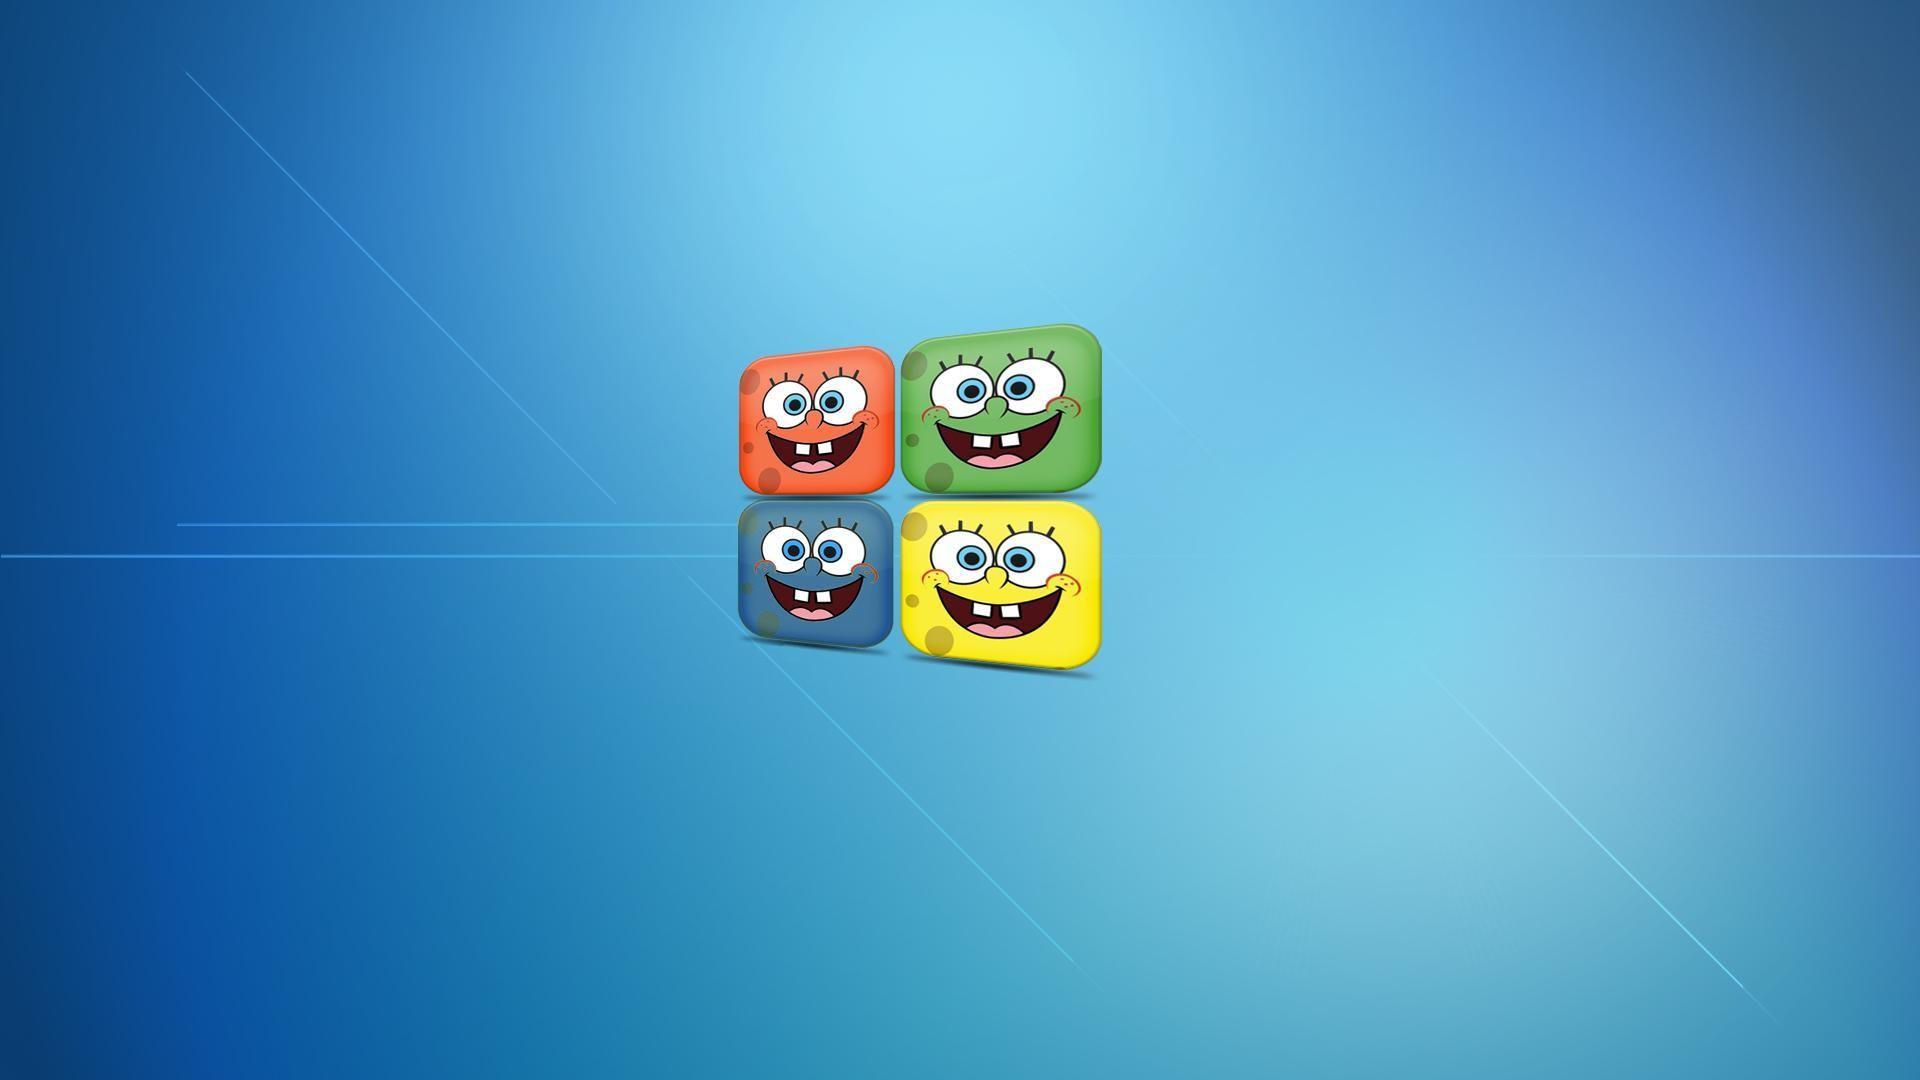 Spongebob Wallpapers 1920×1080 Desktop Free